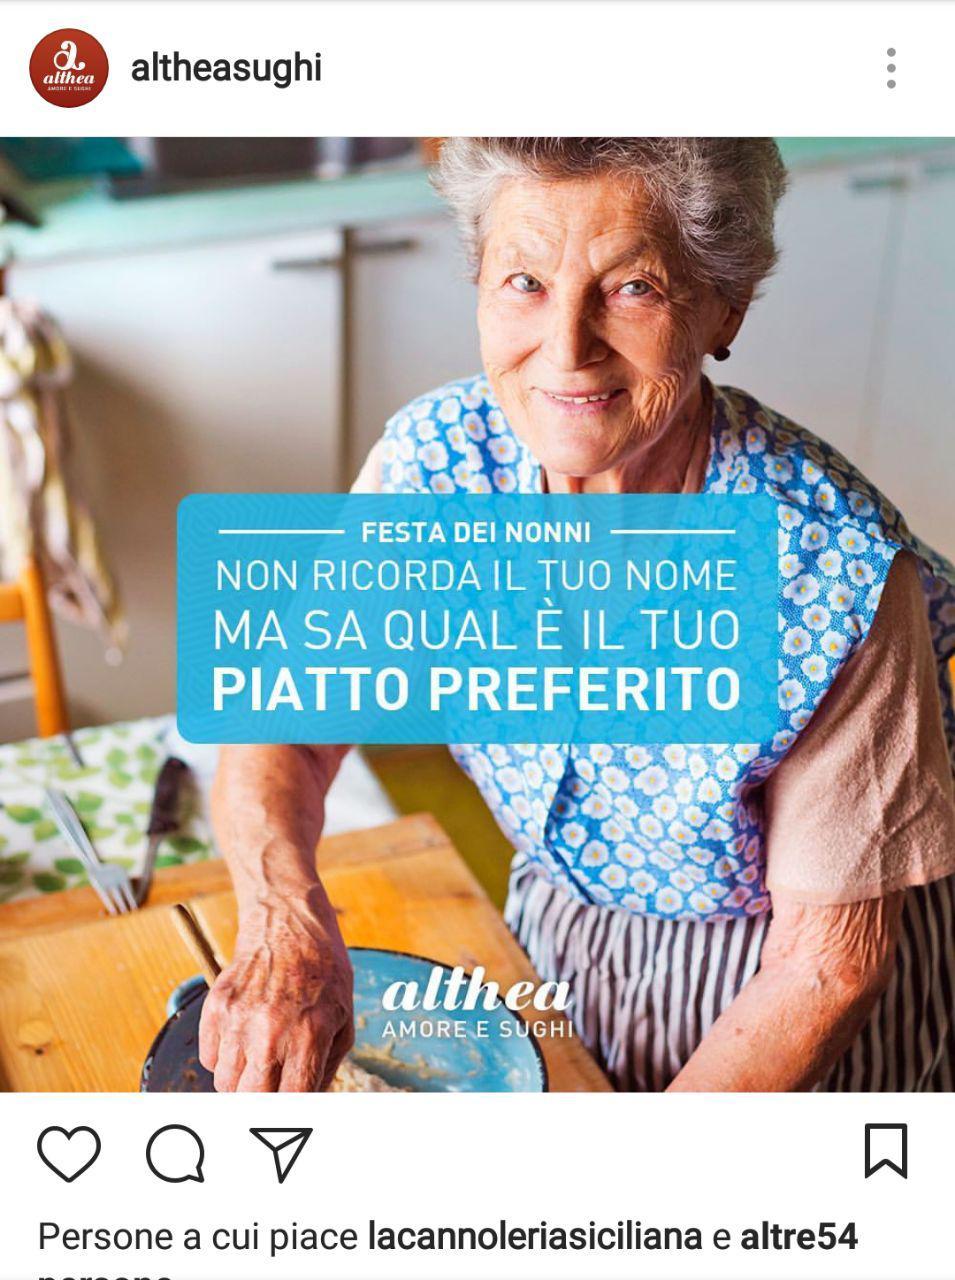 real time marketing festa dei nonni althea